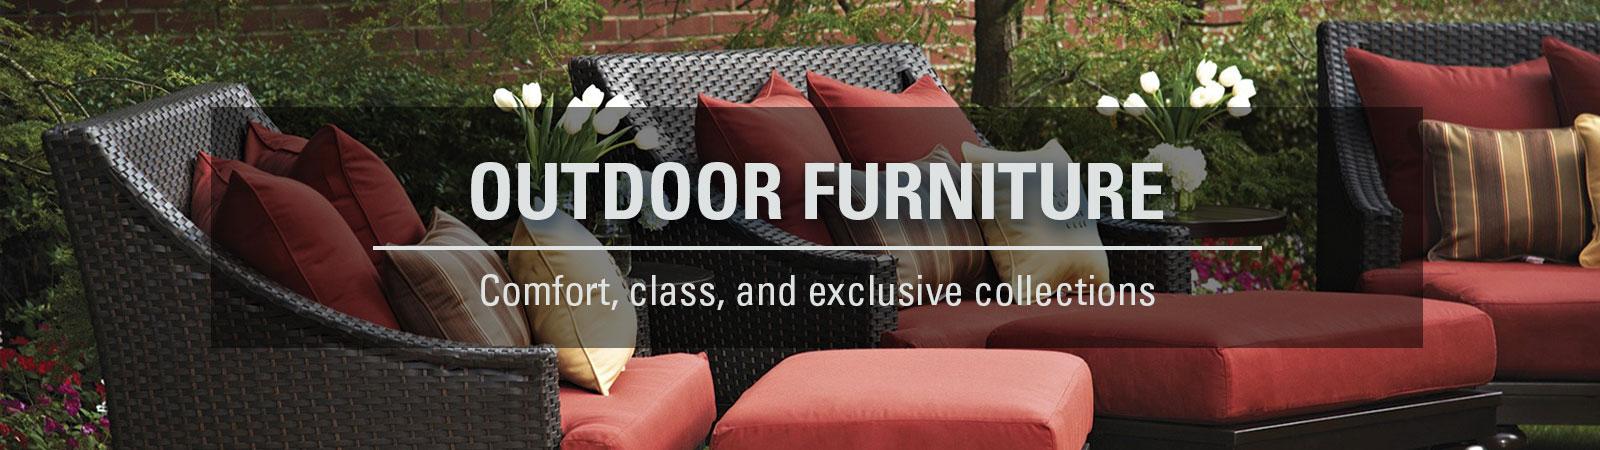 IMP05627_Affordable_Outdoor_Kitchens_Slider_2